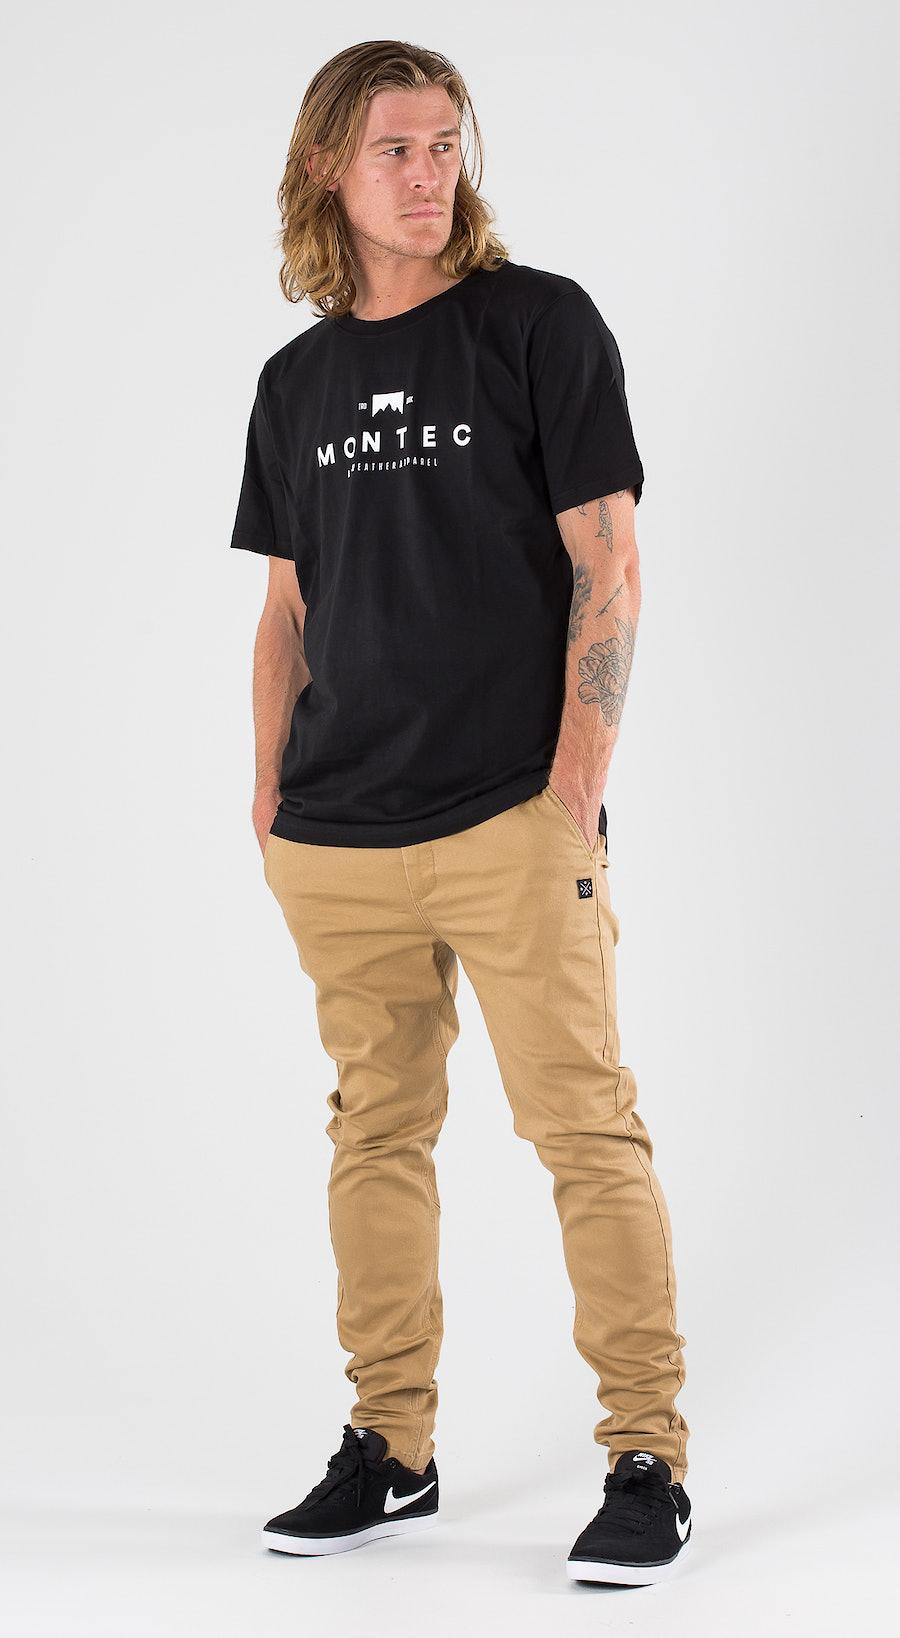 Montec Fancy Black Outfit Multi